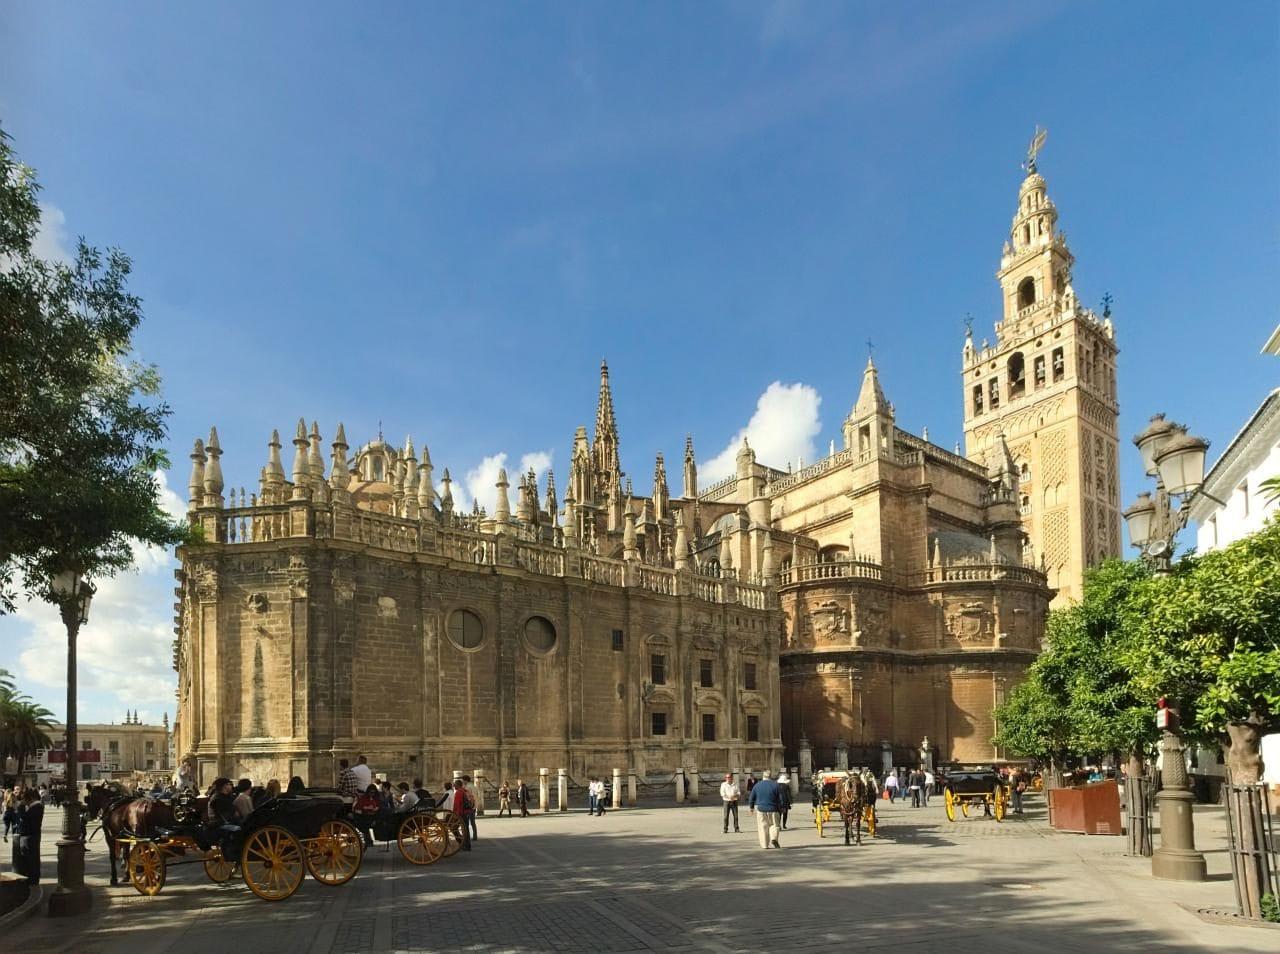 세비아 대성당(The Cathedral of Saint Mary of the See , Seville Cathedral), Image - Ingo Mehling, Wiki